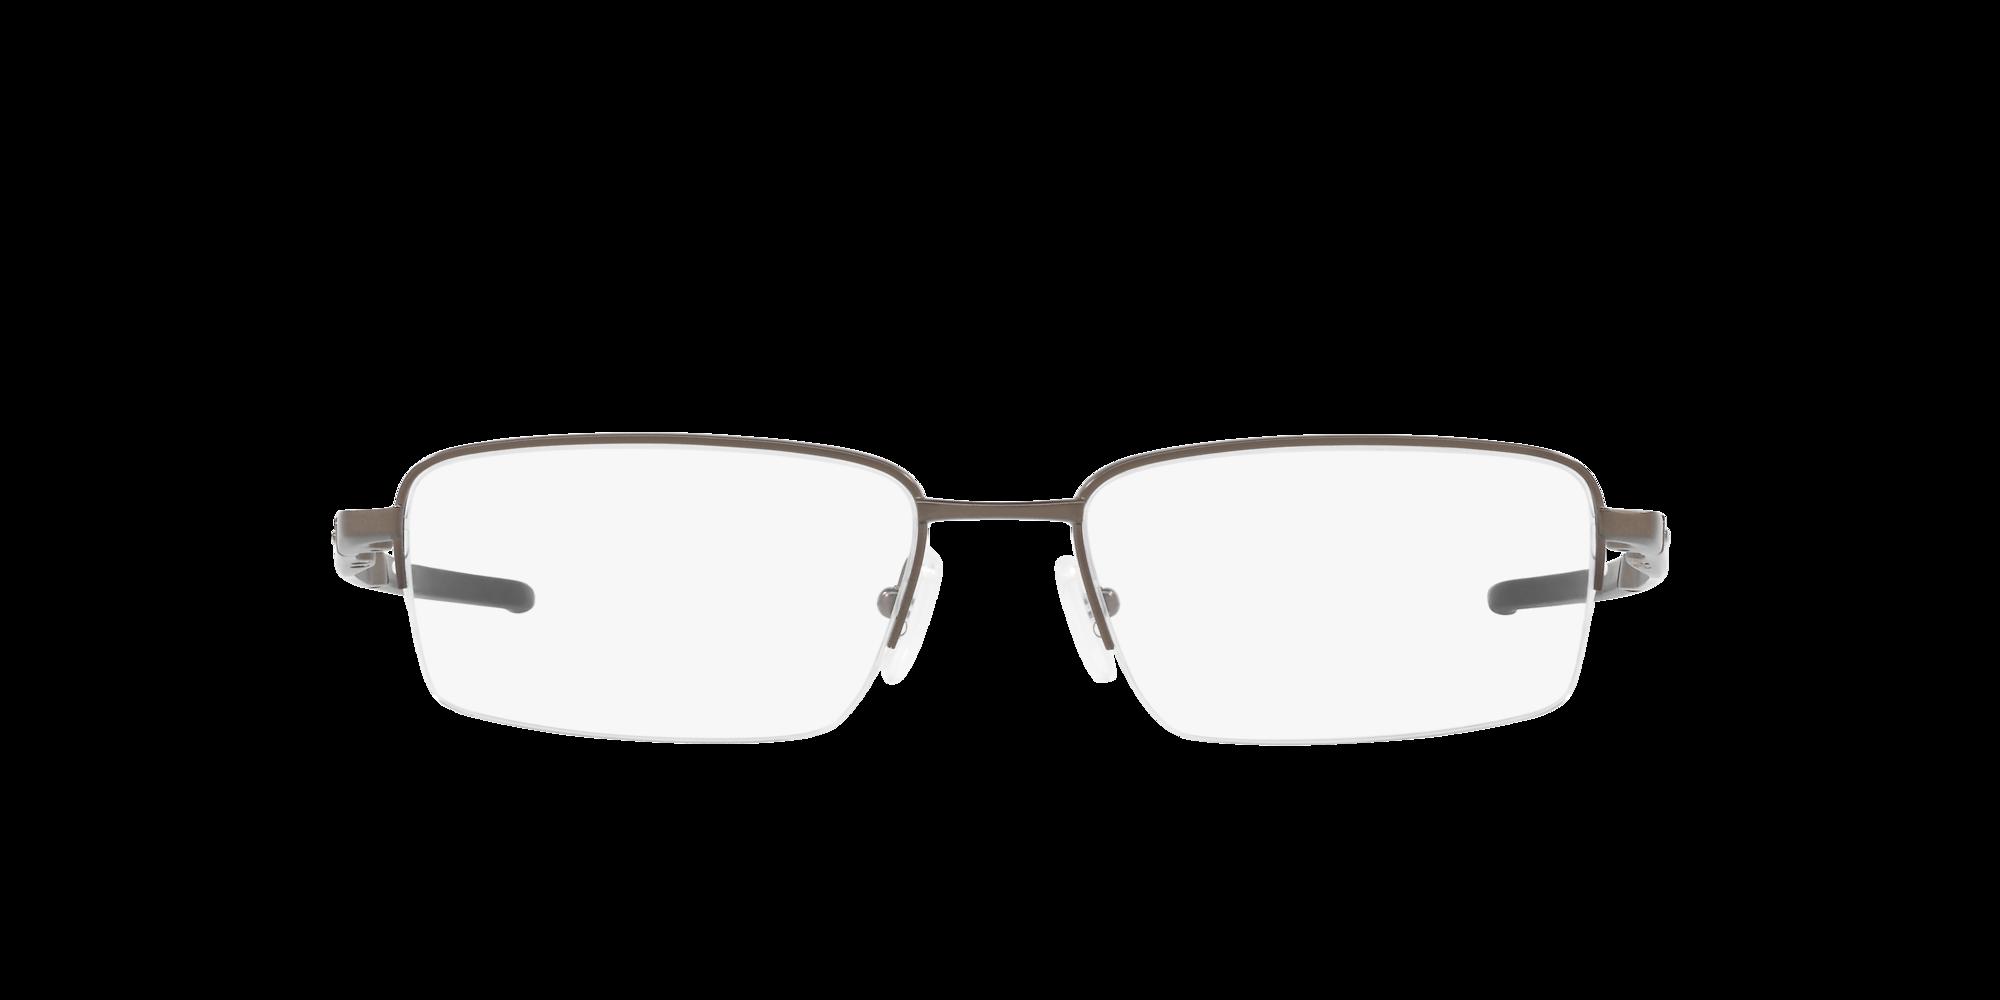 Imagen para OX5125 GAUGE 5.1 de LensCrafters |  Espejuelos, espejuelos graduados en línea, gafas